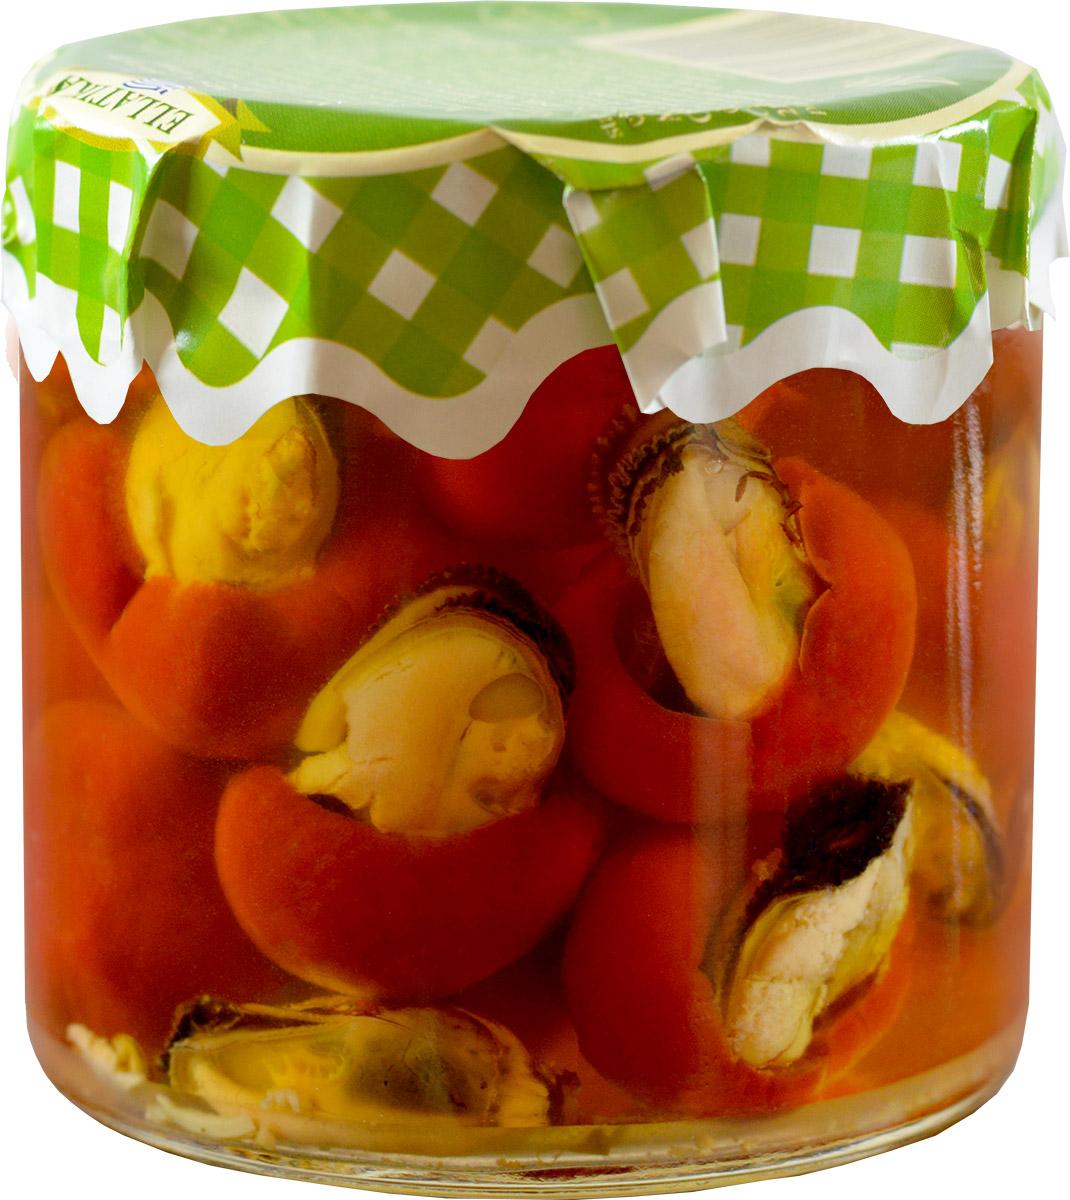 Ellatika красный сладкий перец фаршированный мидиями в масле, 210 г100200000615Холодные и горячие закуски - это небольшие и легкие блюда, которые подаются в средиземноморском регионе как аперитив. Такие закуски также хорошо подойдут к напиткам, добавляя им особенный вкус. Эти блюда, со свежими и натуральными ингредиентами подаются на средиземноморский стол уже в течение нескольких поколений и являются традиционными. Свежие салаты, фаршированные виноградные листья, жаренные на огне сладкие перцы, вяленные помидоры, сочные соусы, пирожки из шпината и маринованные овощи вместе на одном столе.